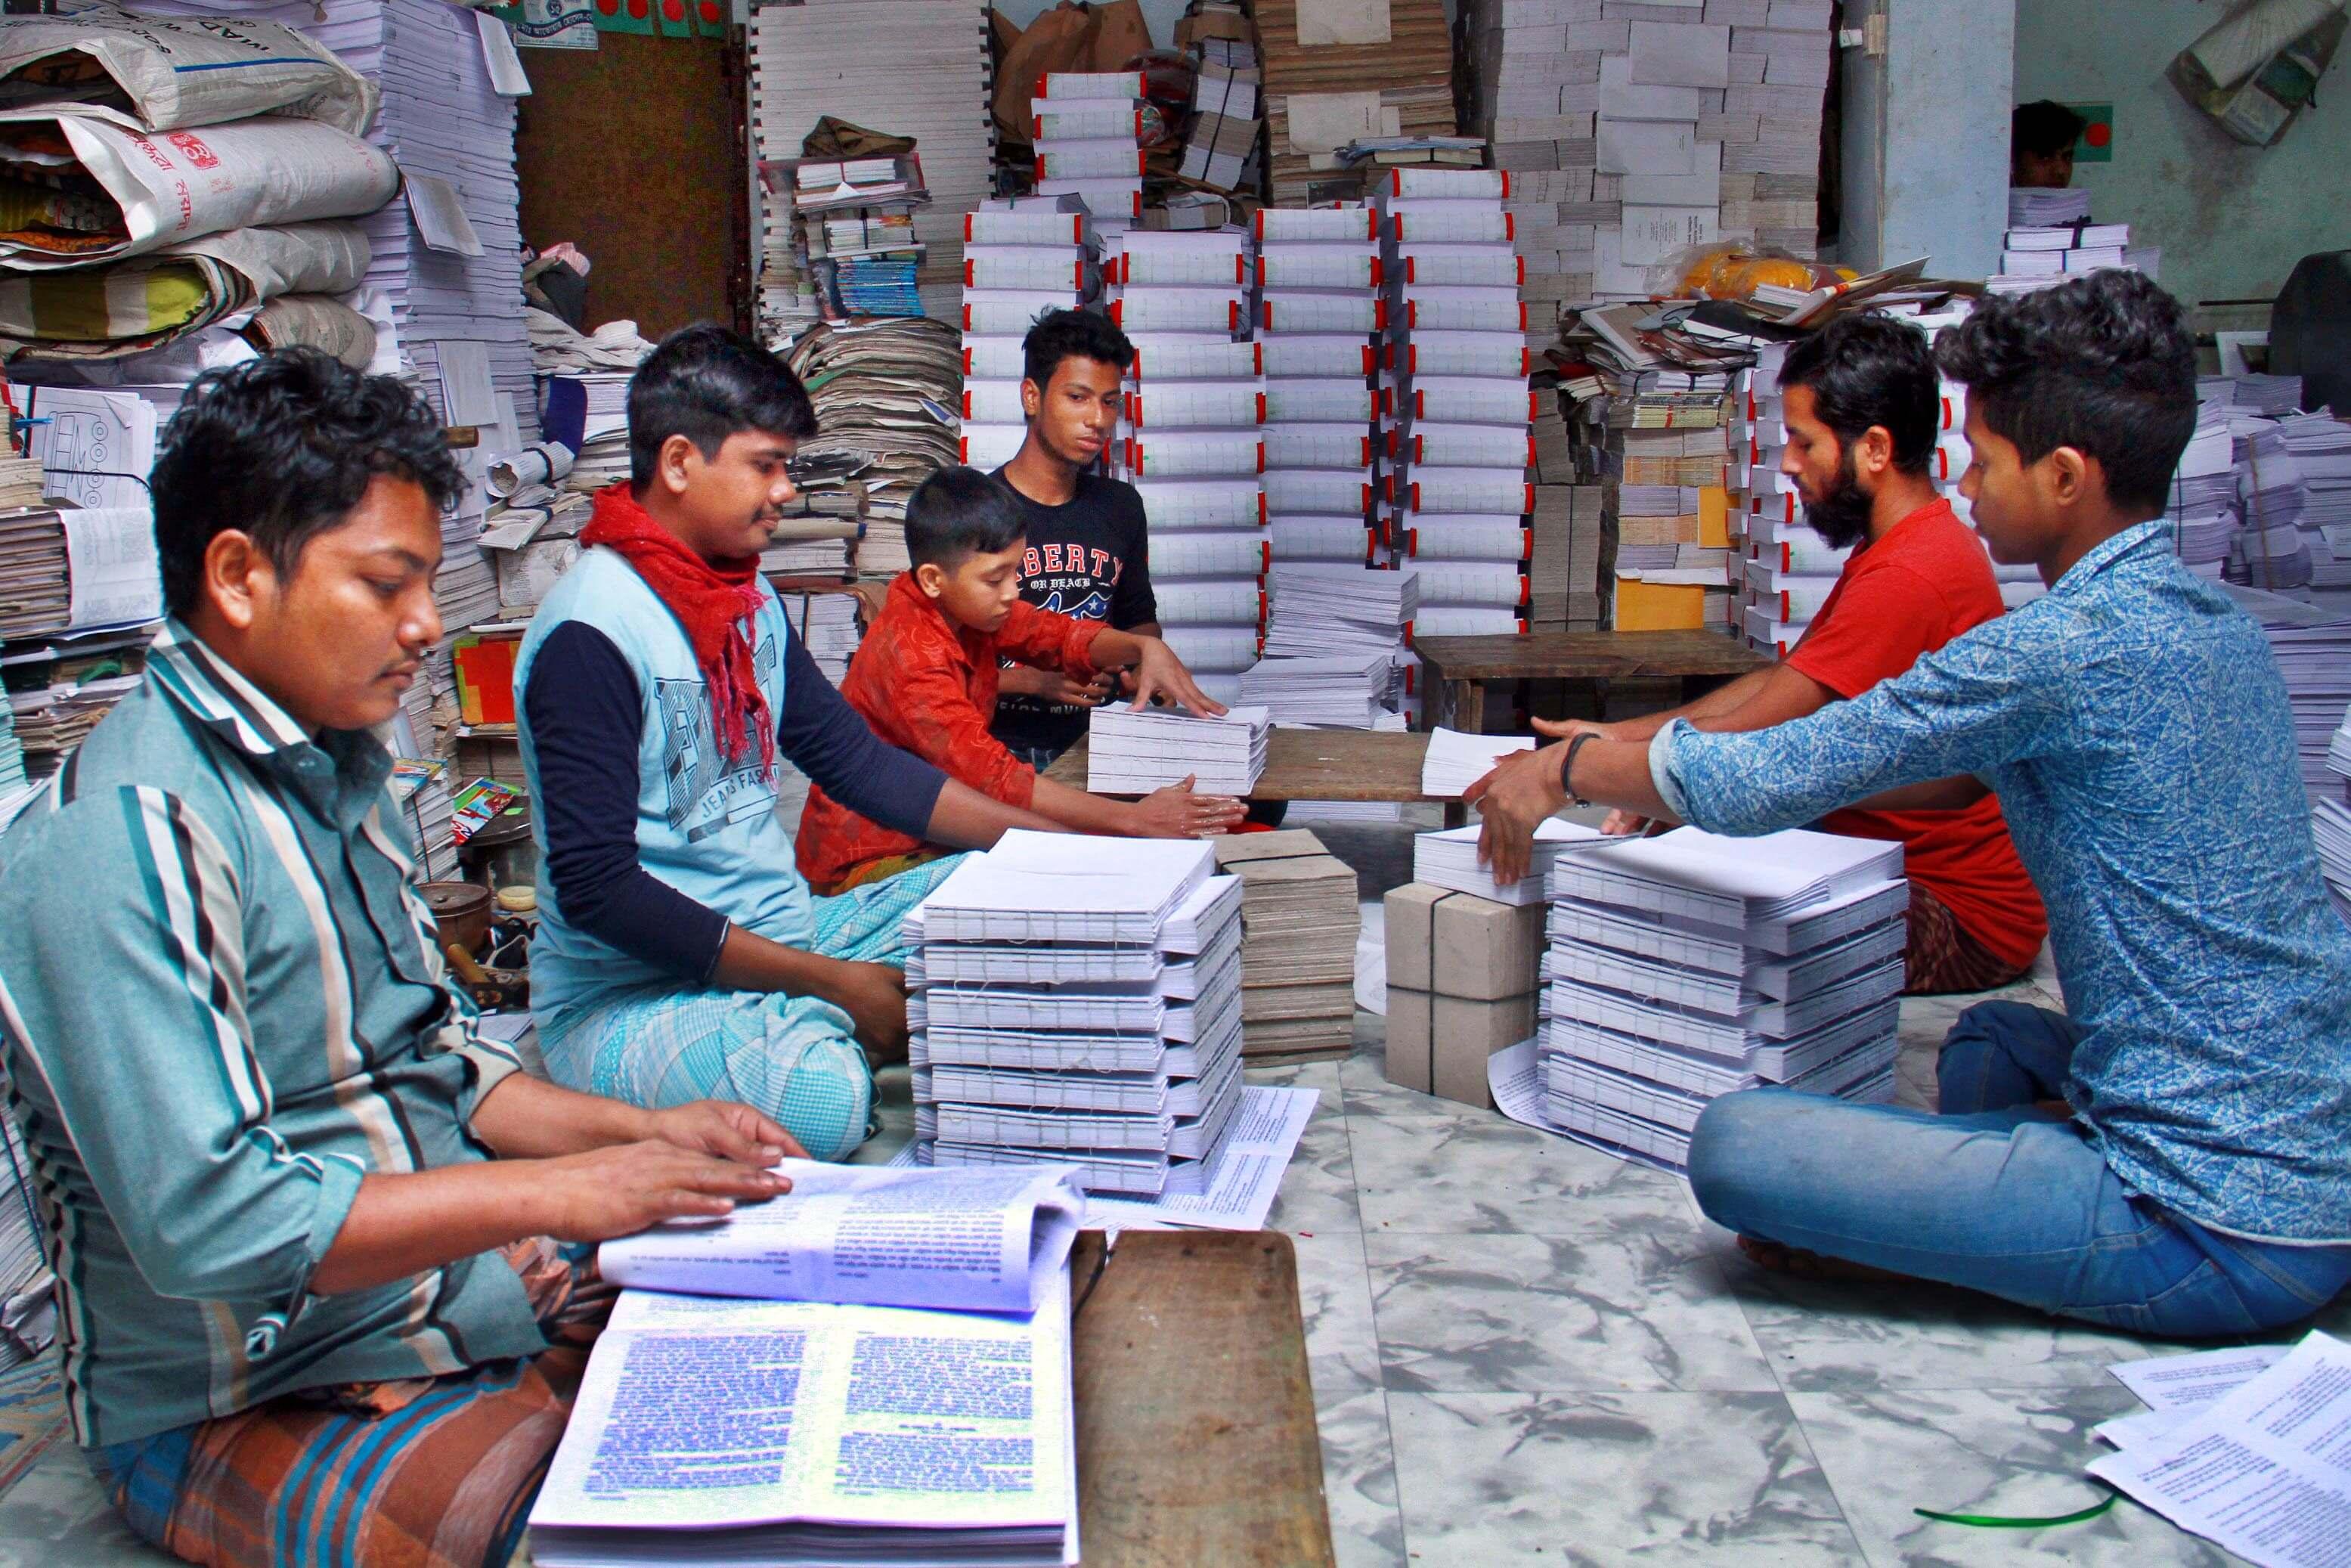 নতুন বইয়ে ব্যস্ত বাংলাবাজার